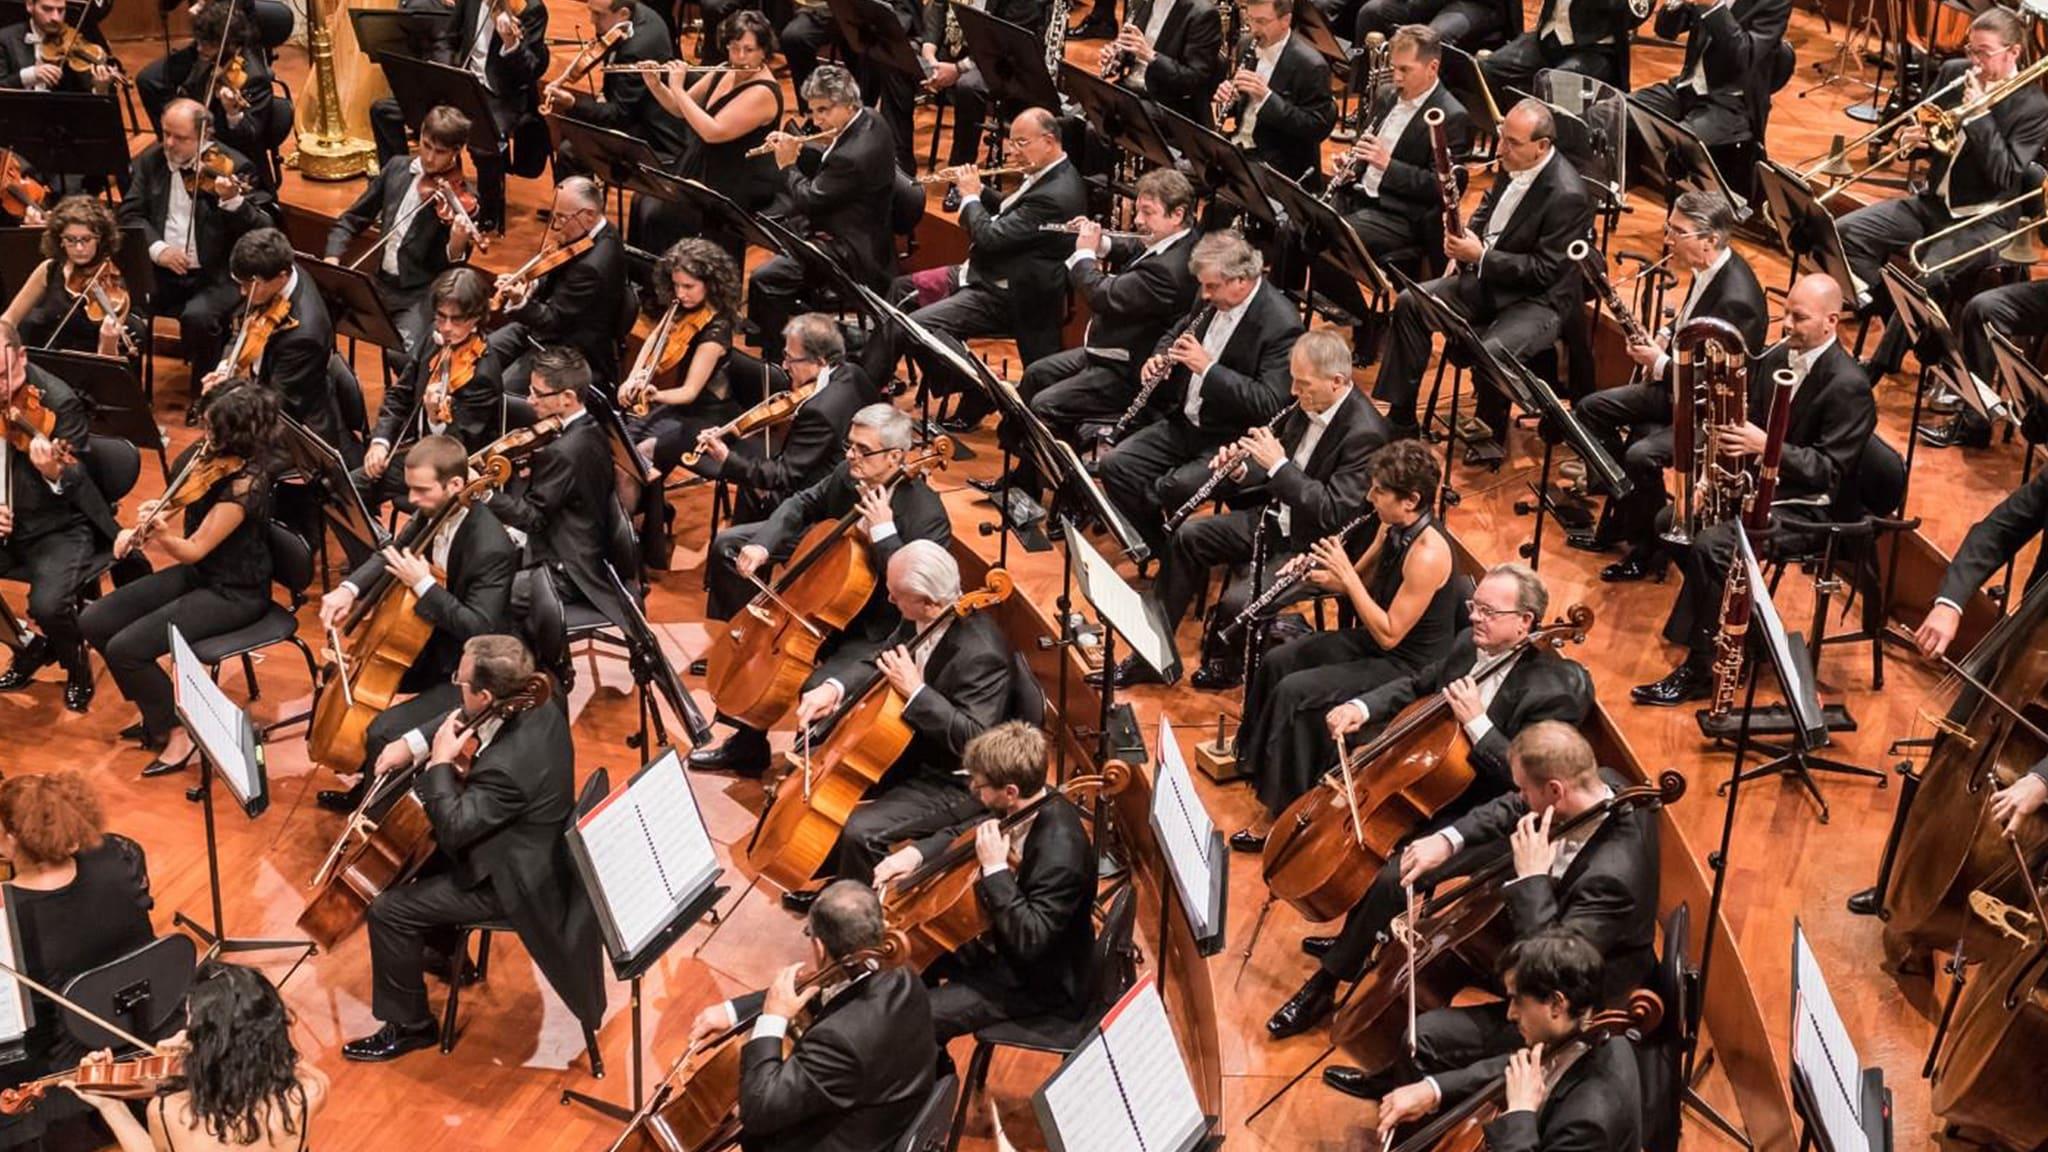 Rai 5 Vi presento i Nostri - Orchestra Sinfonica Nazionale della Rai